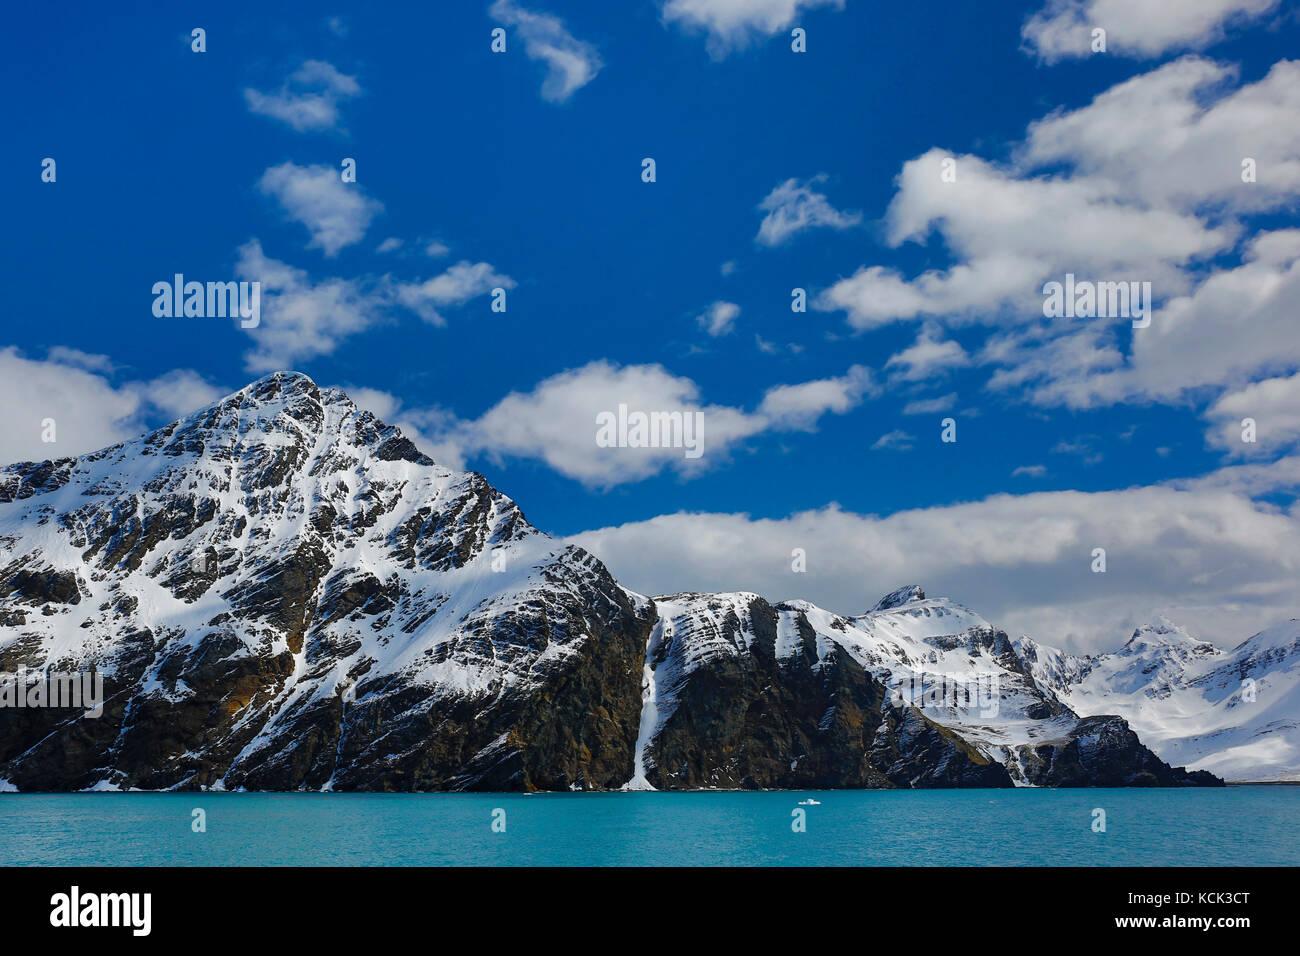 Sur une montagne avec de l'eau bleue dans la Géorgie du Sud et les îles Sandwich du Sud Photo Stock